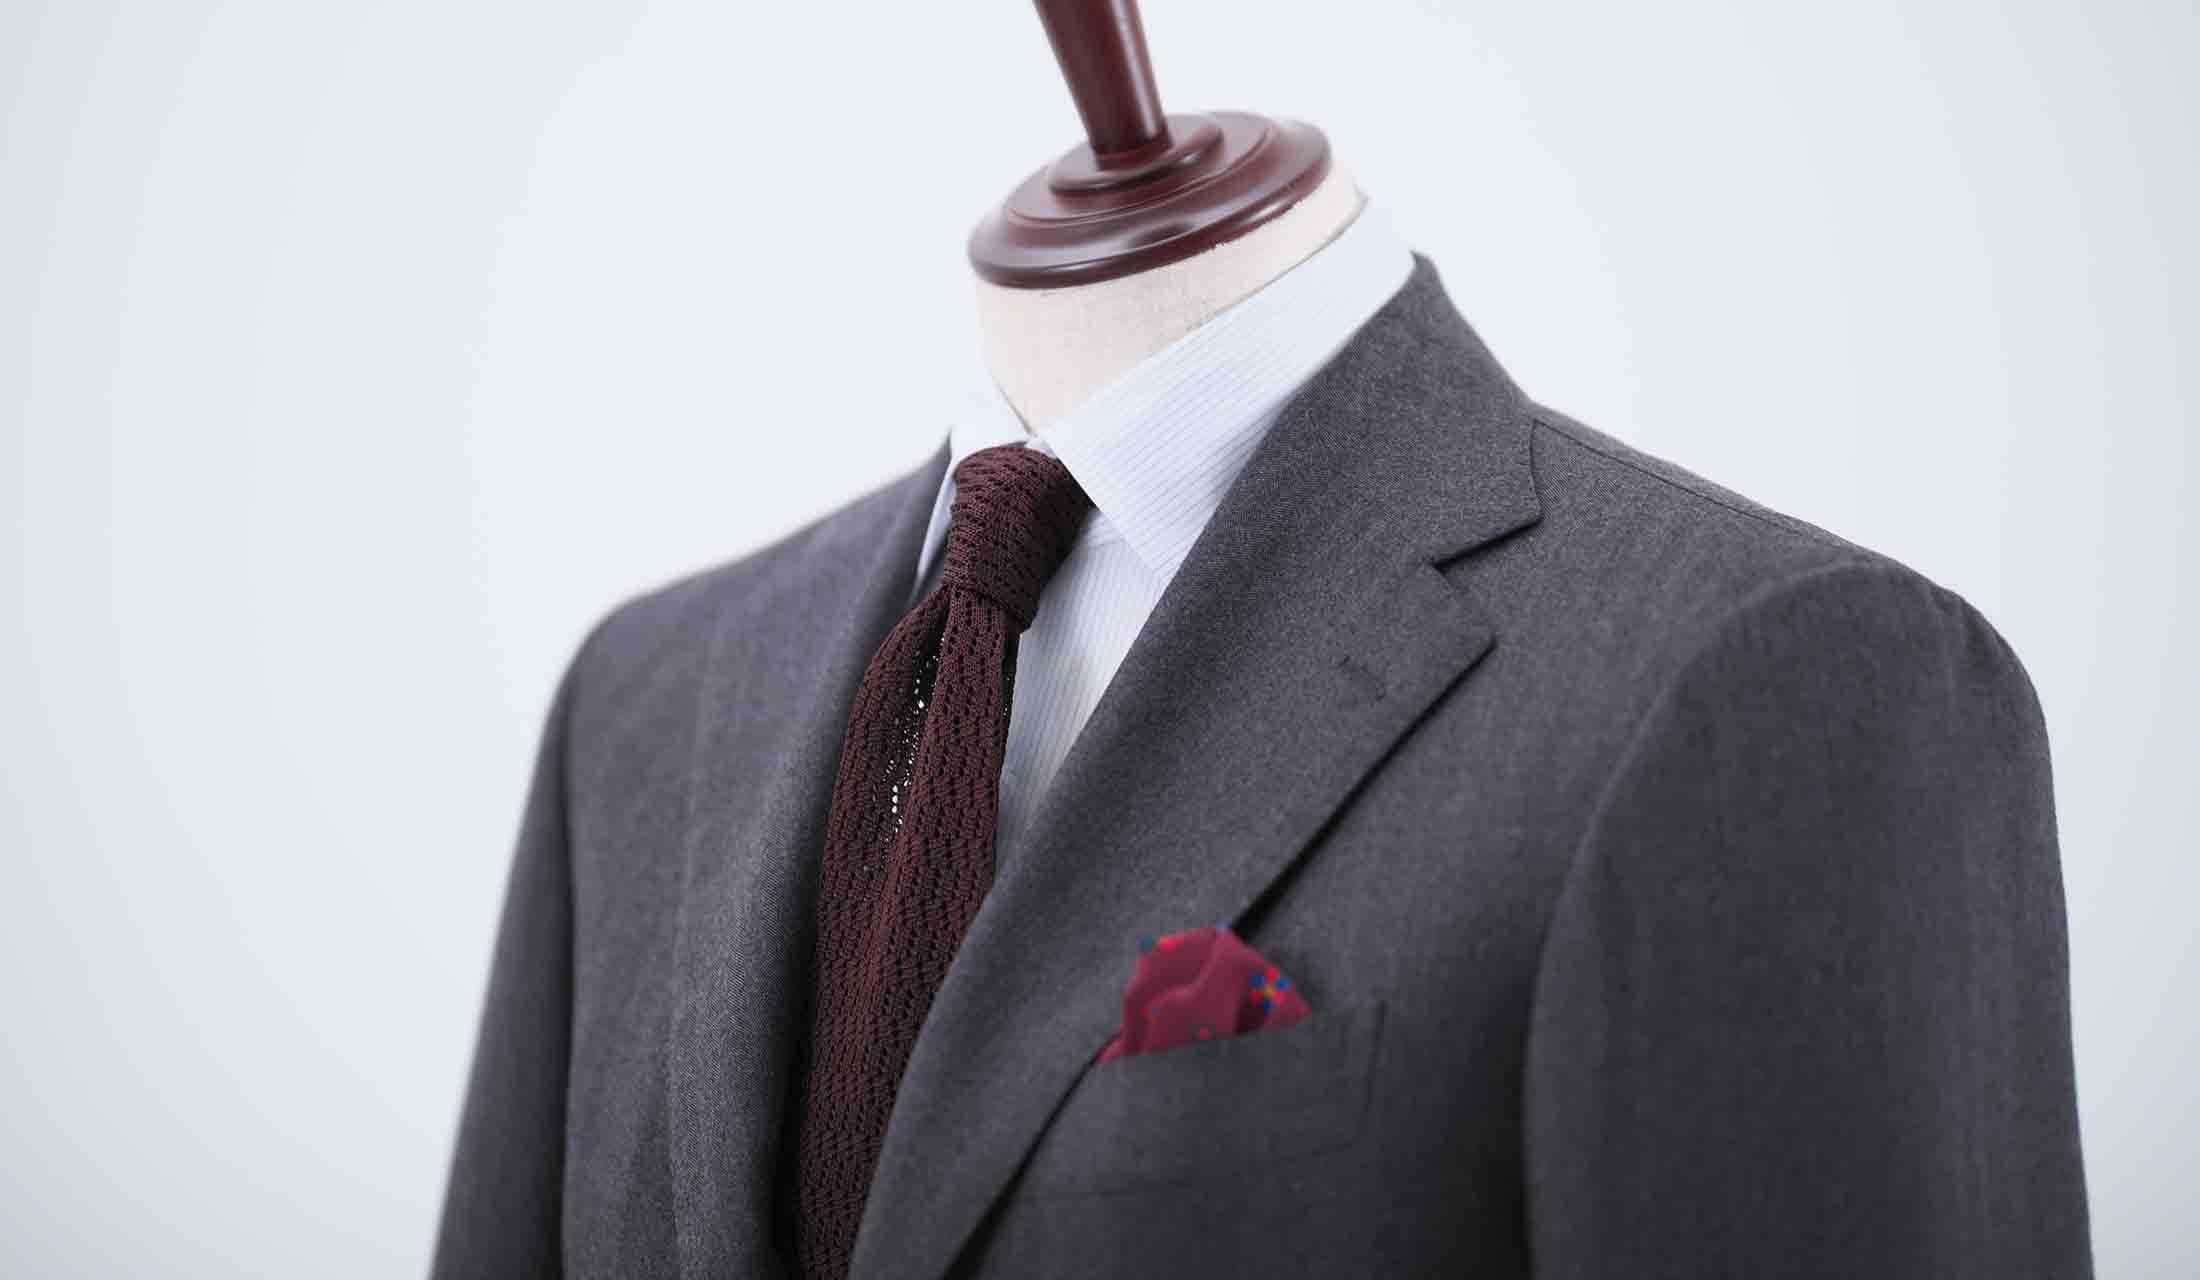 ニットタイとスーツのコーディネート